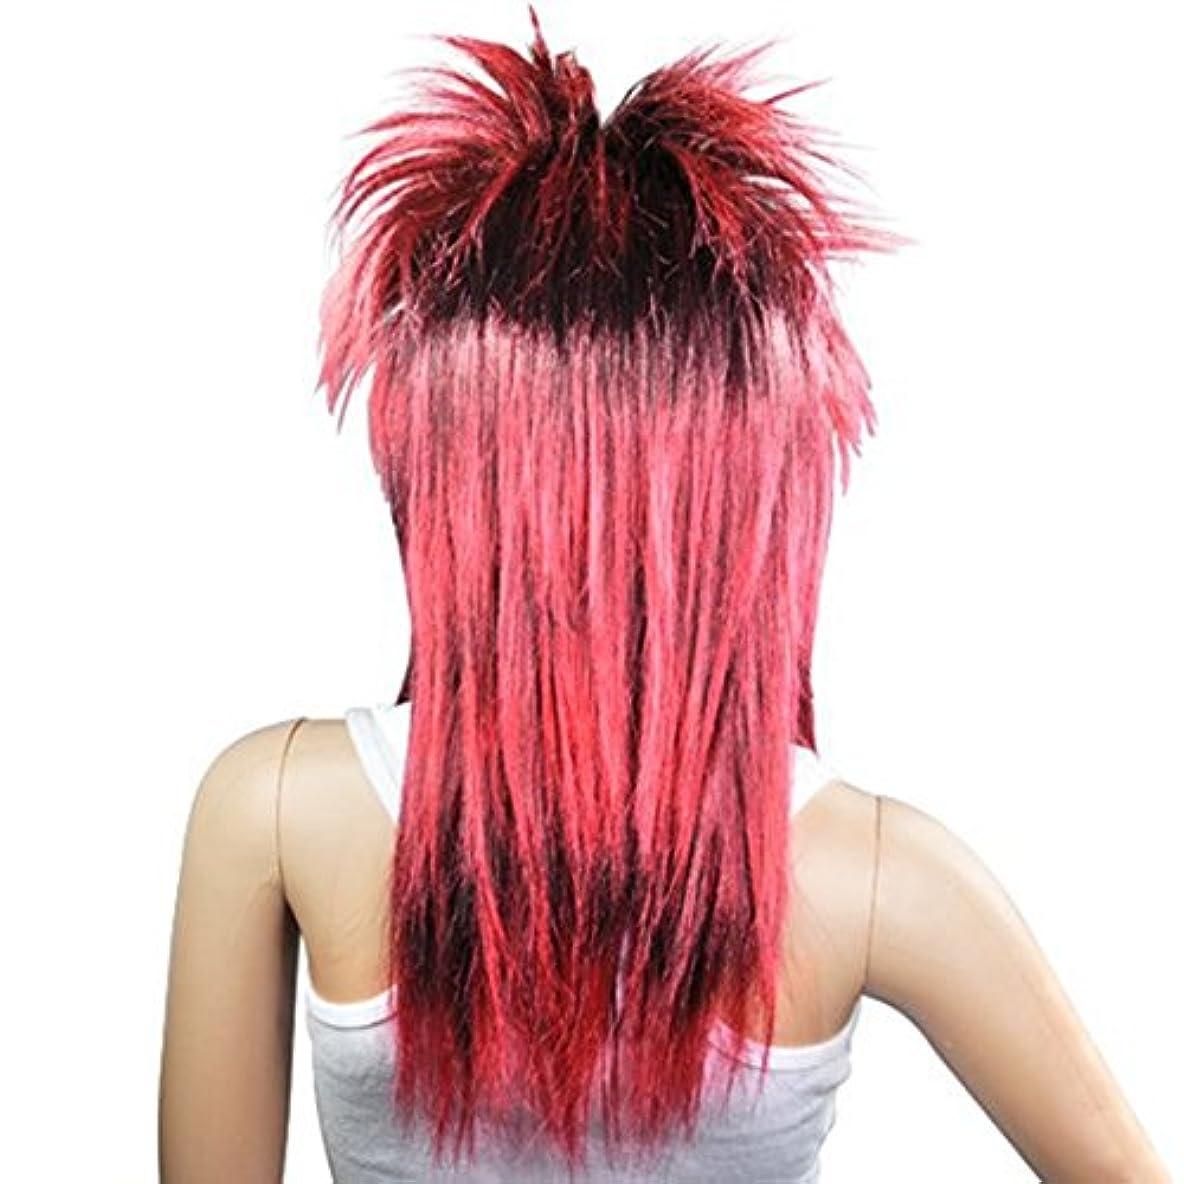 一般的な見せます楽しいCikuso 赤黒 女性の魅力的なパンクロッカーチックティナ?ターナーカーニバルかつら仮装コスチューム